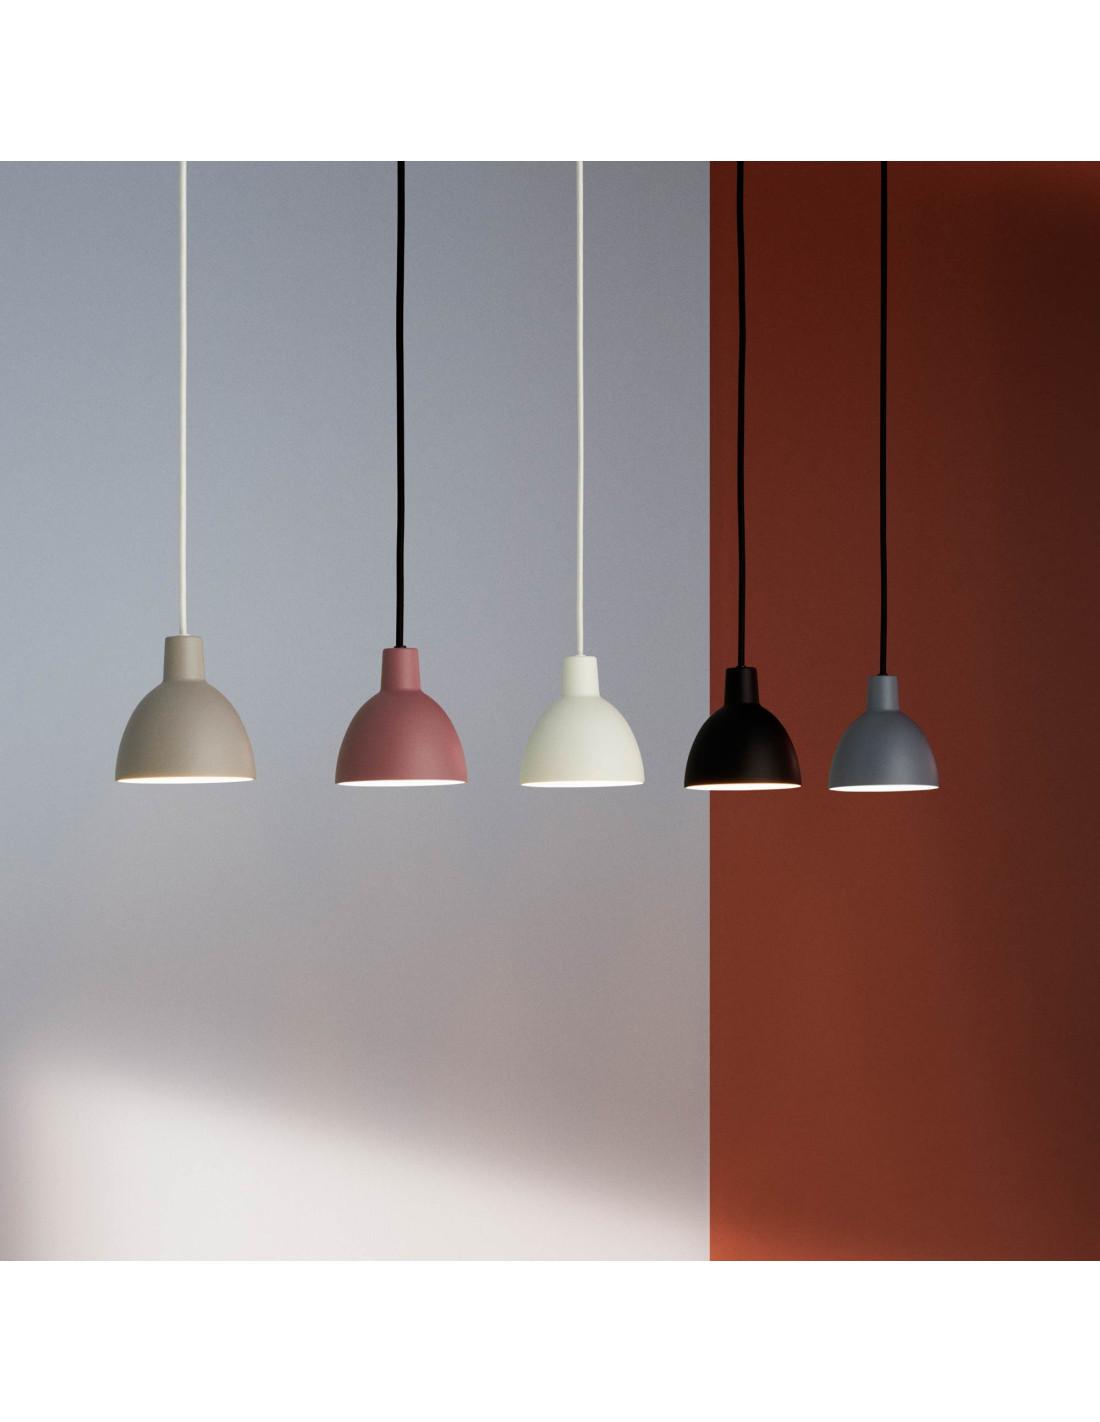 suspension toldbod 120 de louis poulsen la boutique danoise. Black Bedroom Furniture Sets. Home Design Ideas